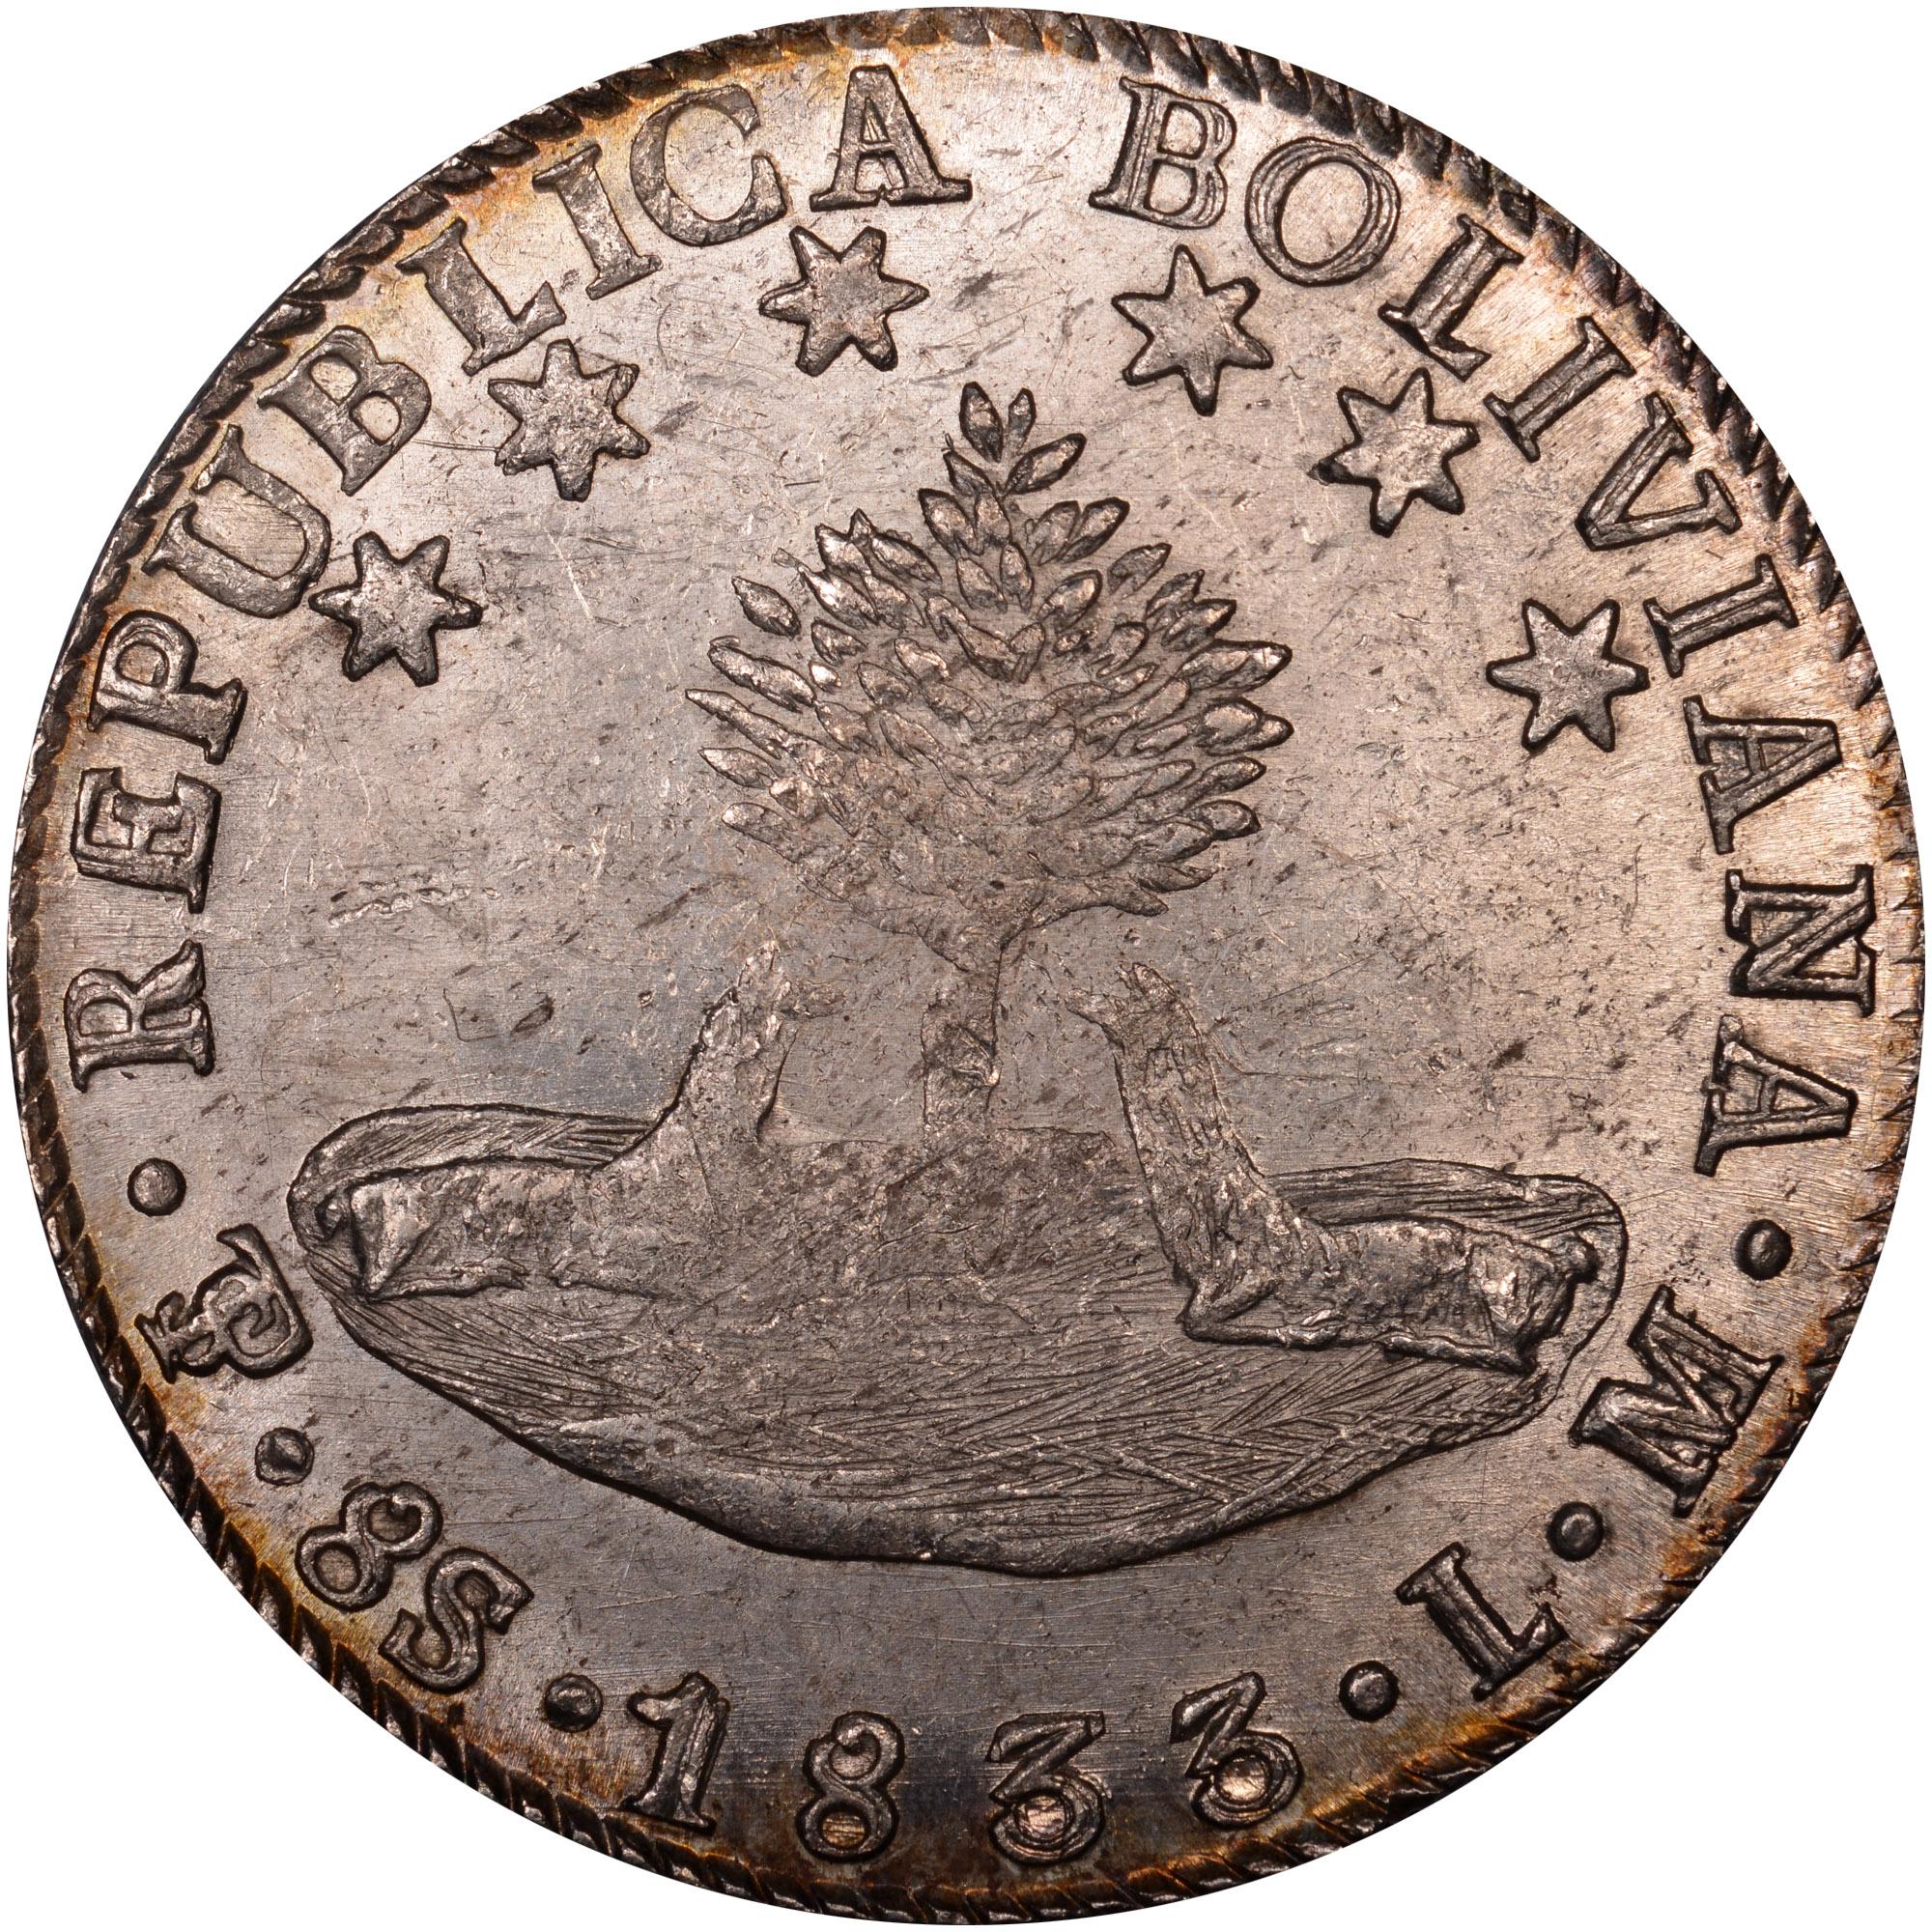 1827-1840 Bolivia 8 Soles obverse